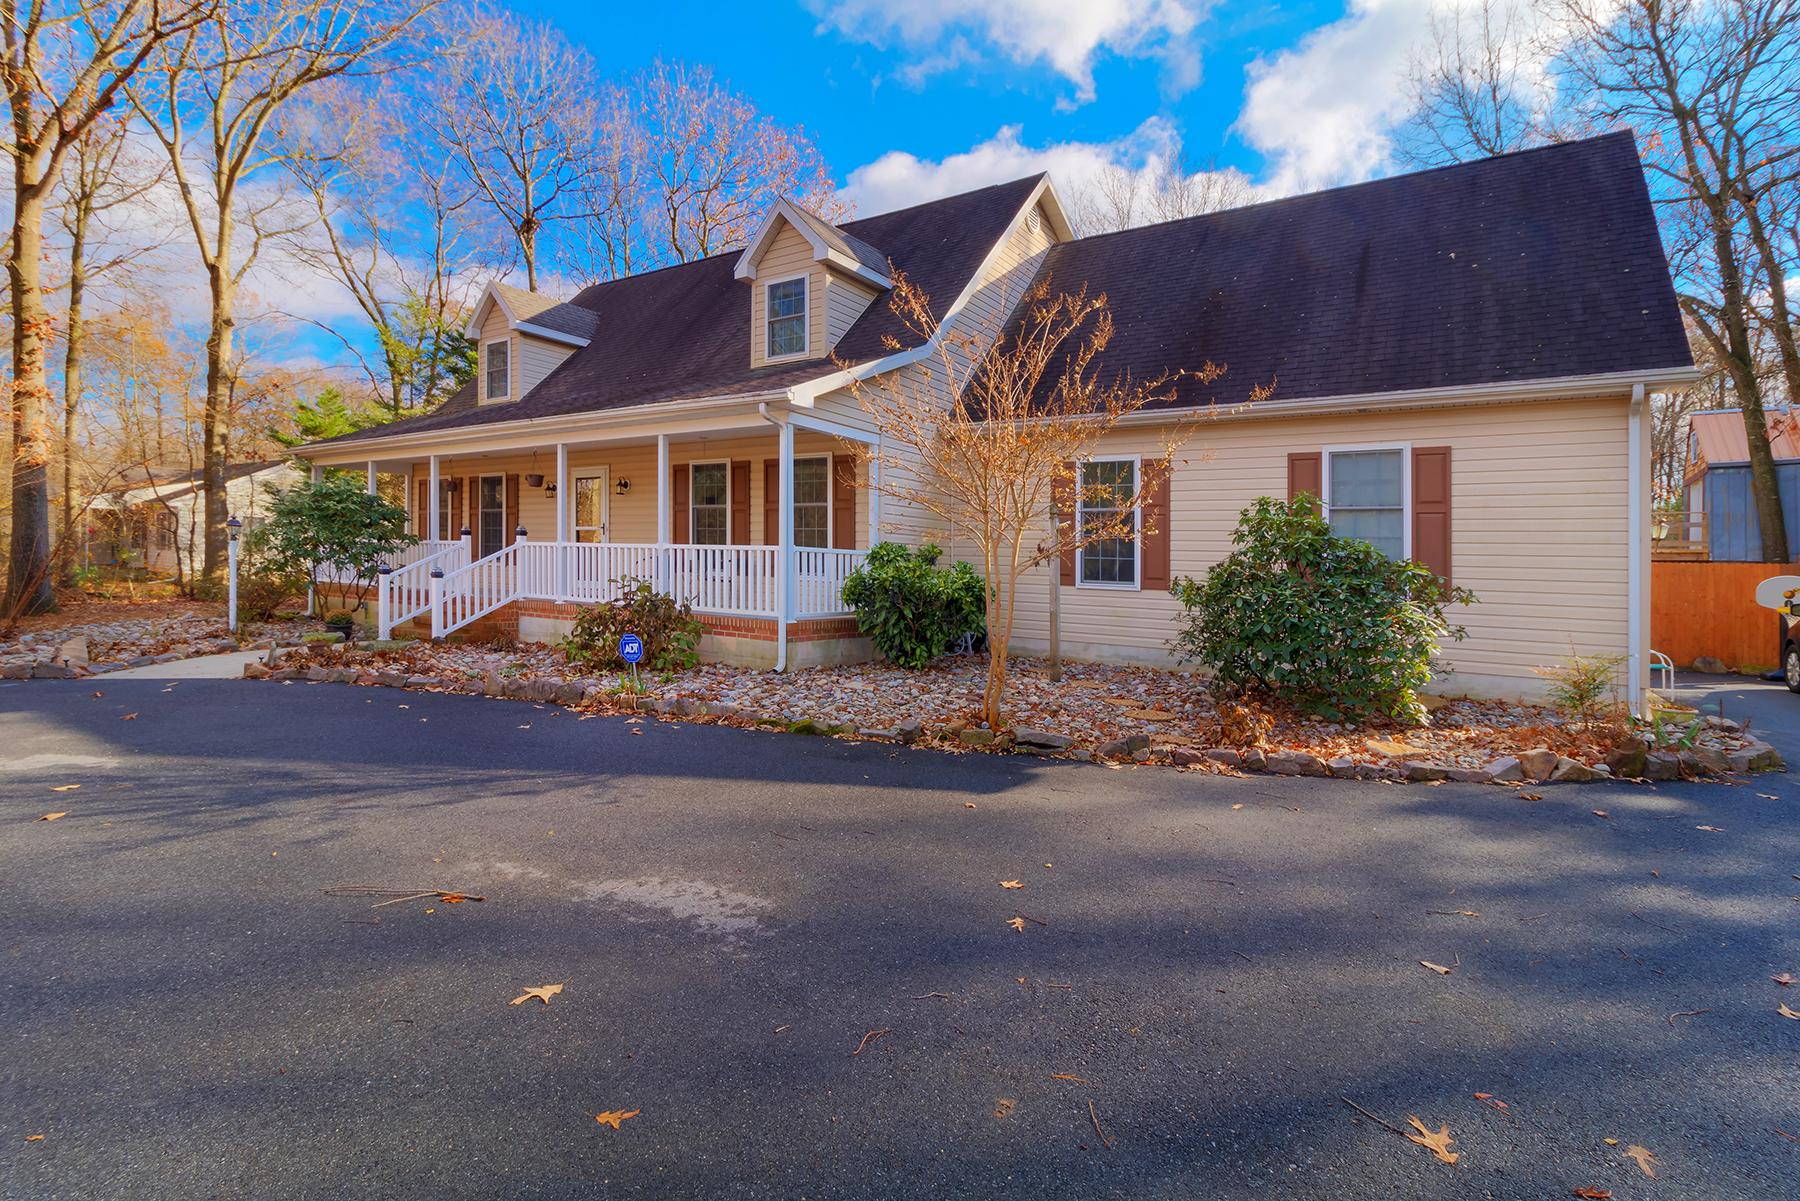 Частный односемейный дом для того Продажа на 14328 Shiloh Church Road , Laurel, DE 19956 14328 Shiloh Church Road Laurel, 19956 Соединенные Штаты